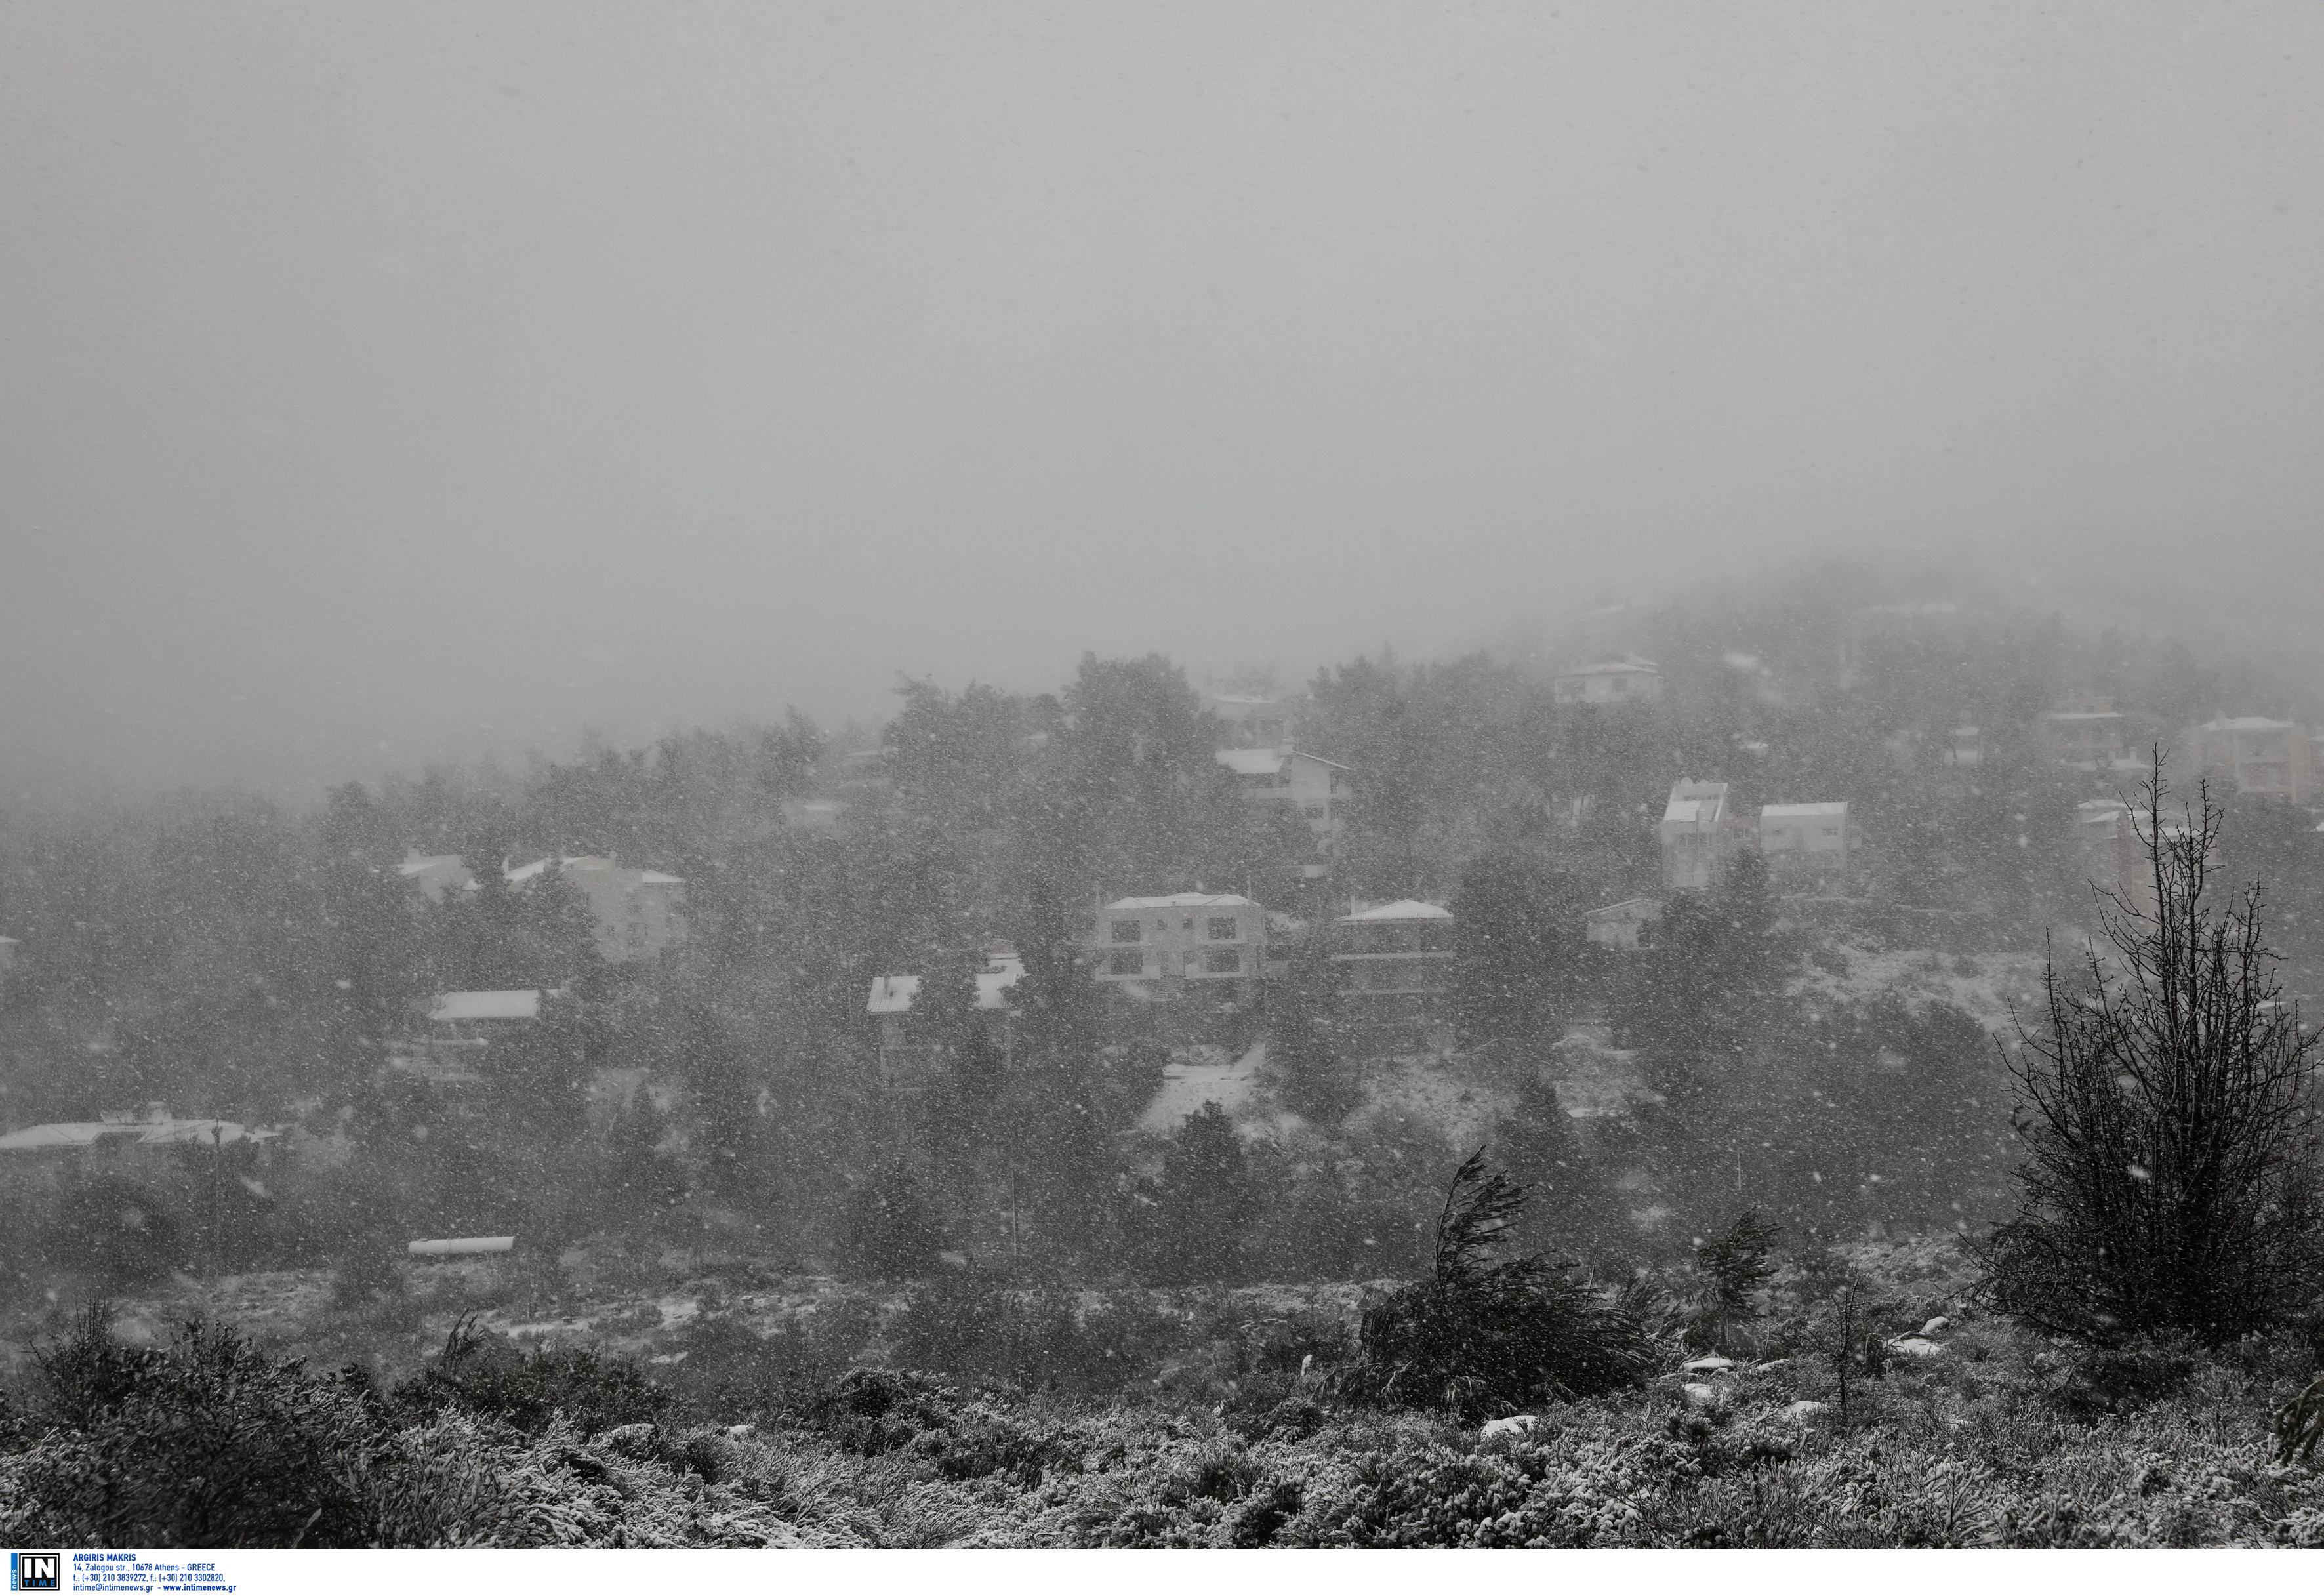 Ηφαιστίων: Ποιοι δρόμοι είναι κλειστοί στην Αττική λόγω χιονόπτωσης